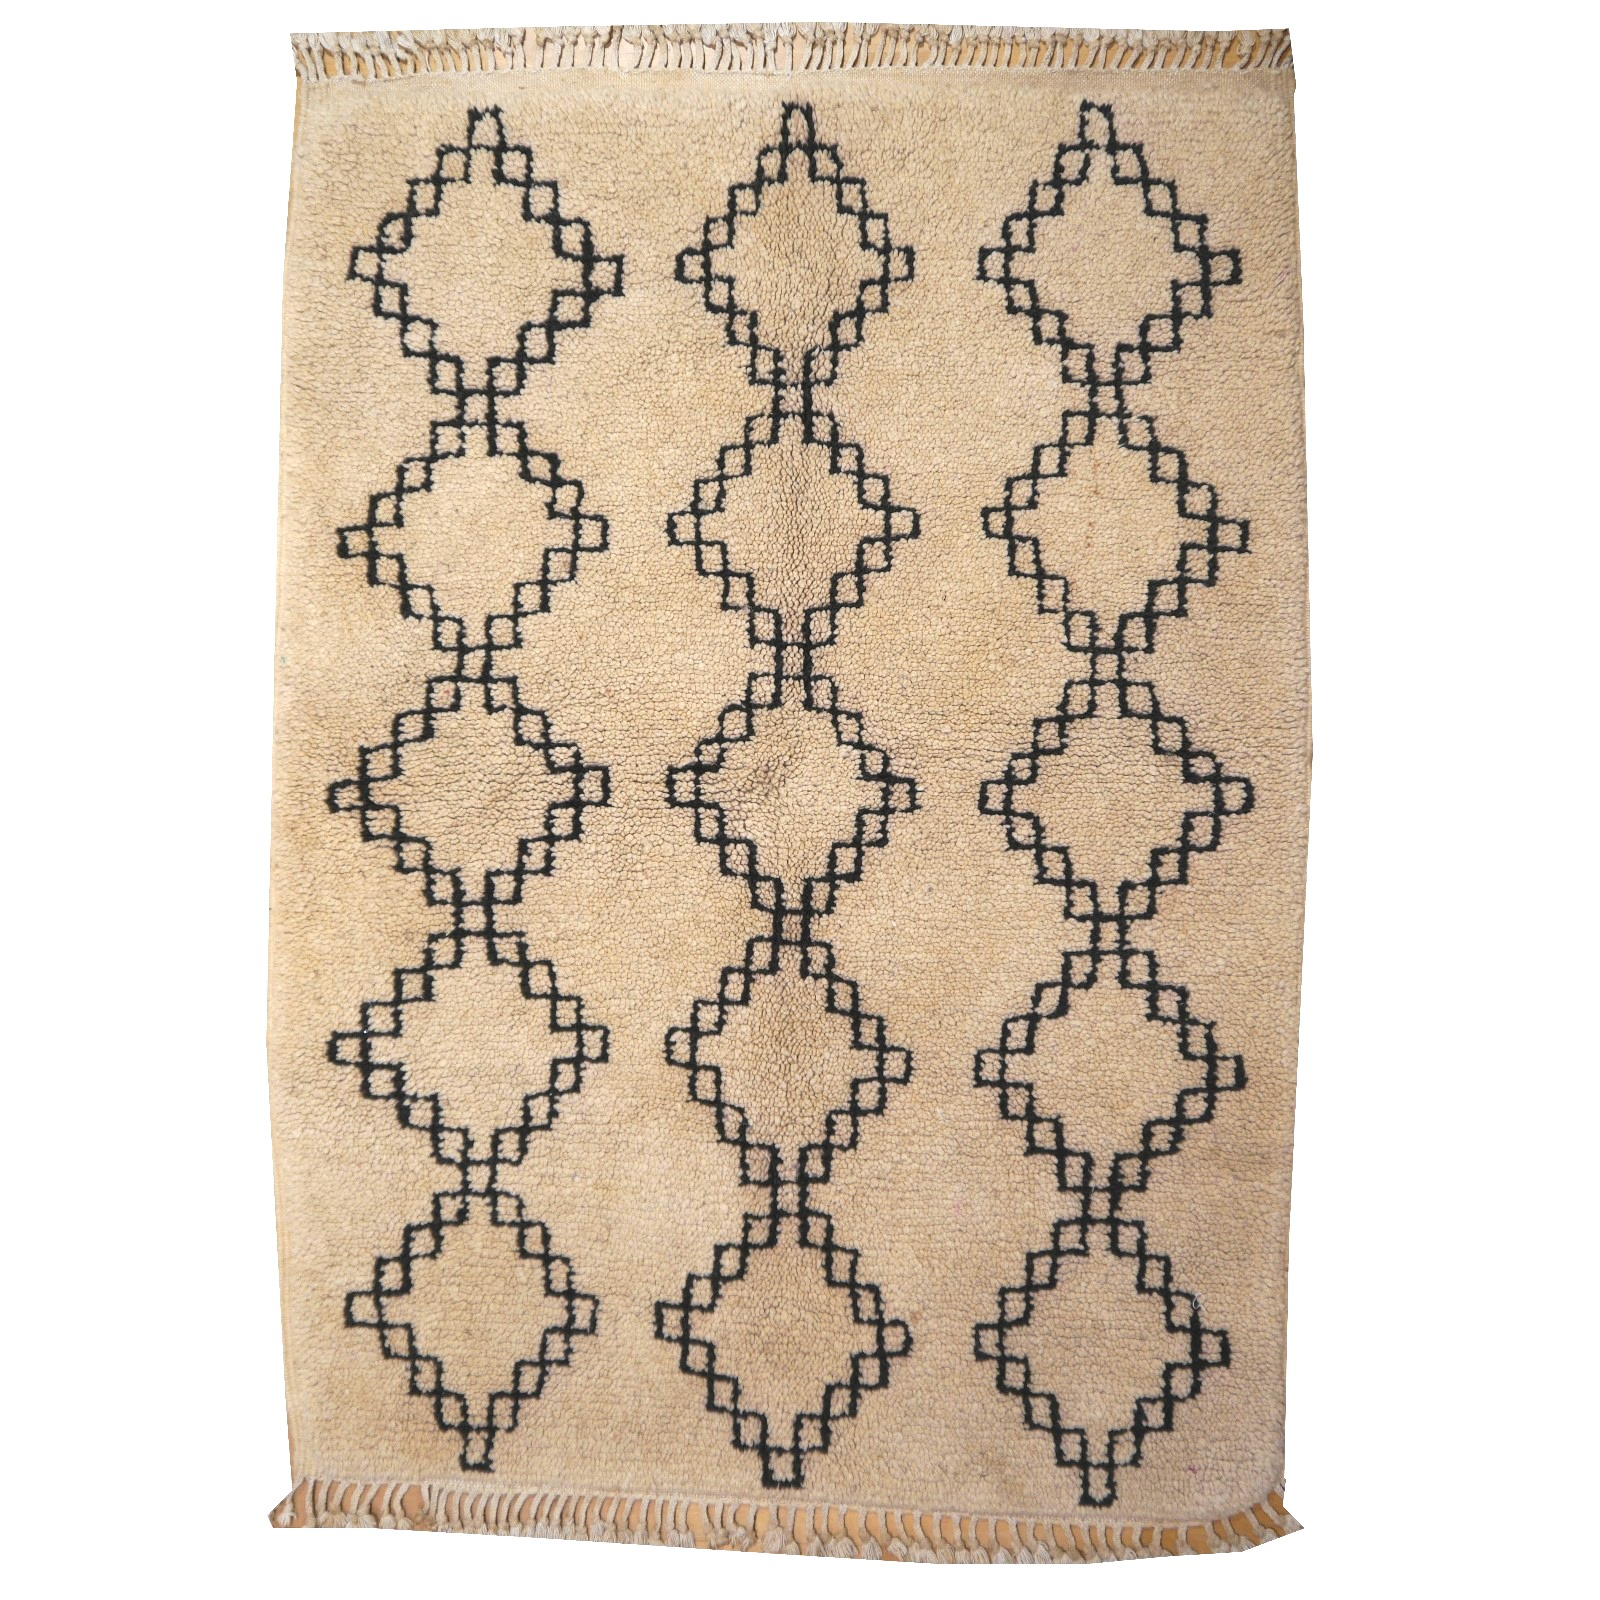 14974 azilal vintage 140 x 100 cm berber teppich marokko. Black Bedroom Furniture Sets. Home Design Ideas